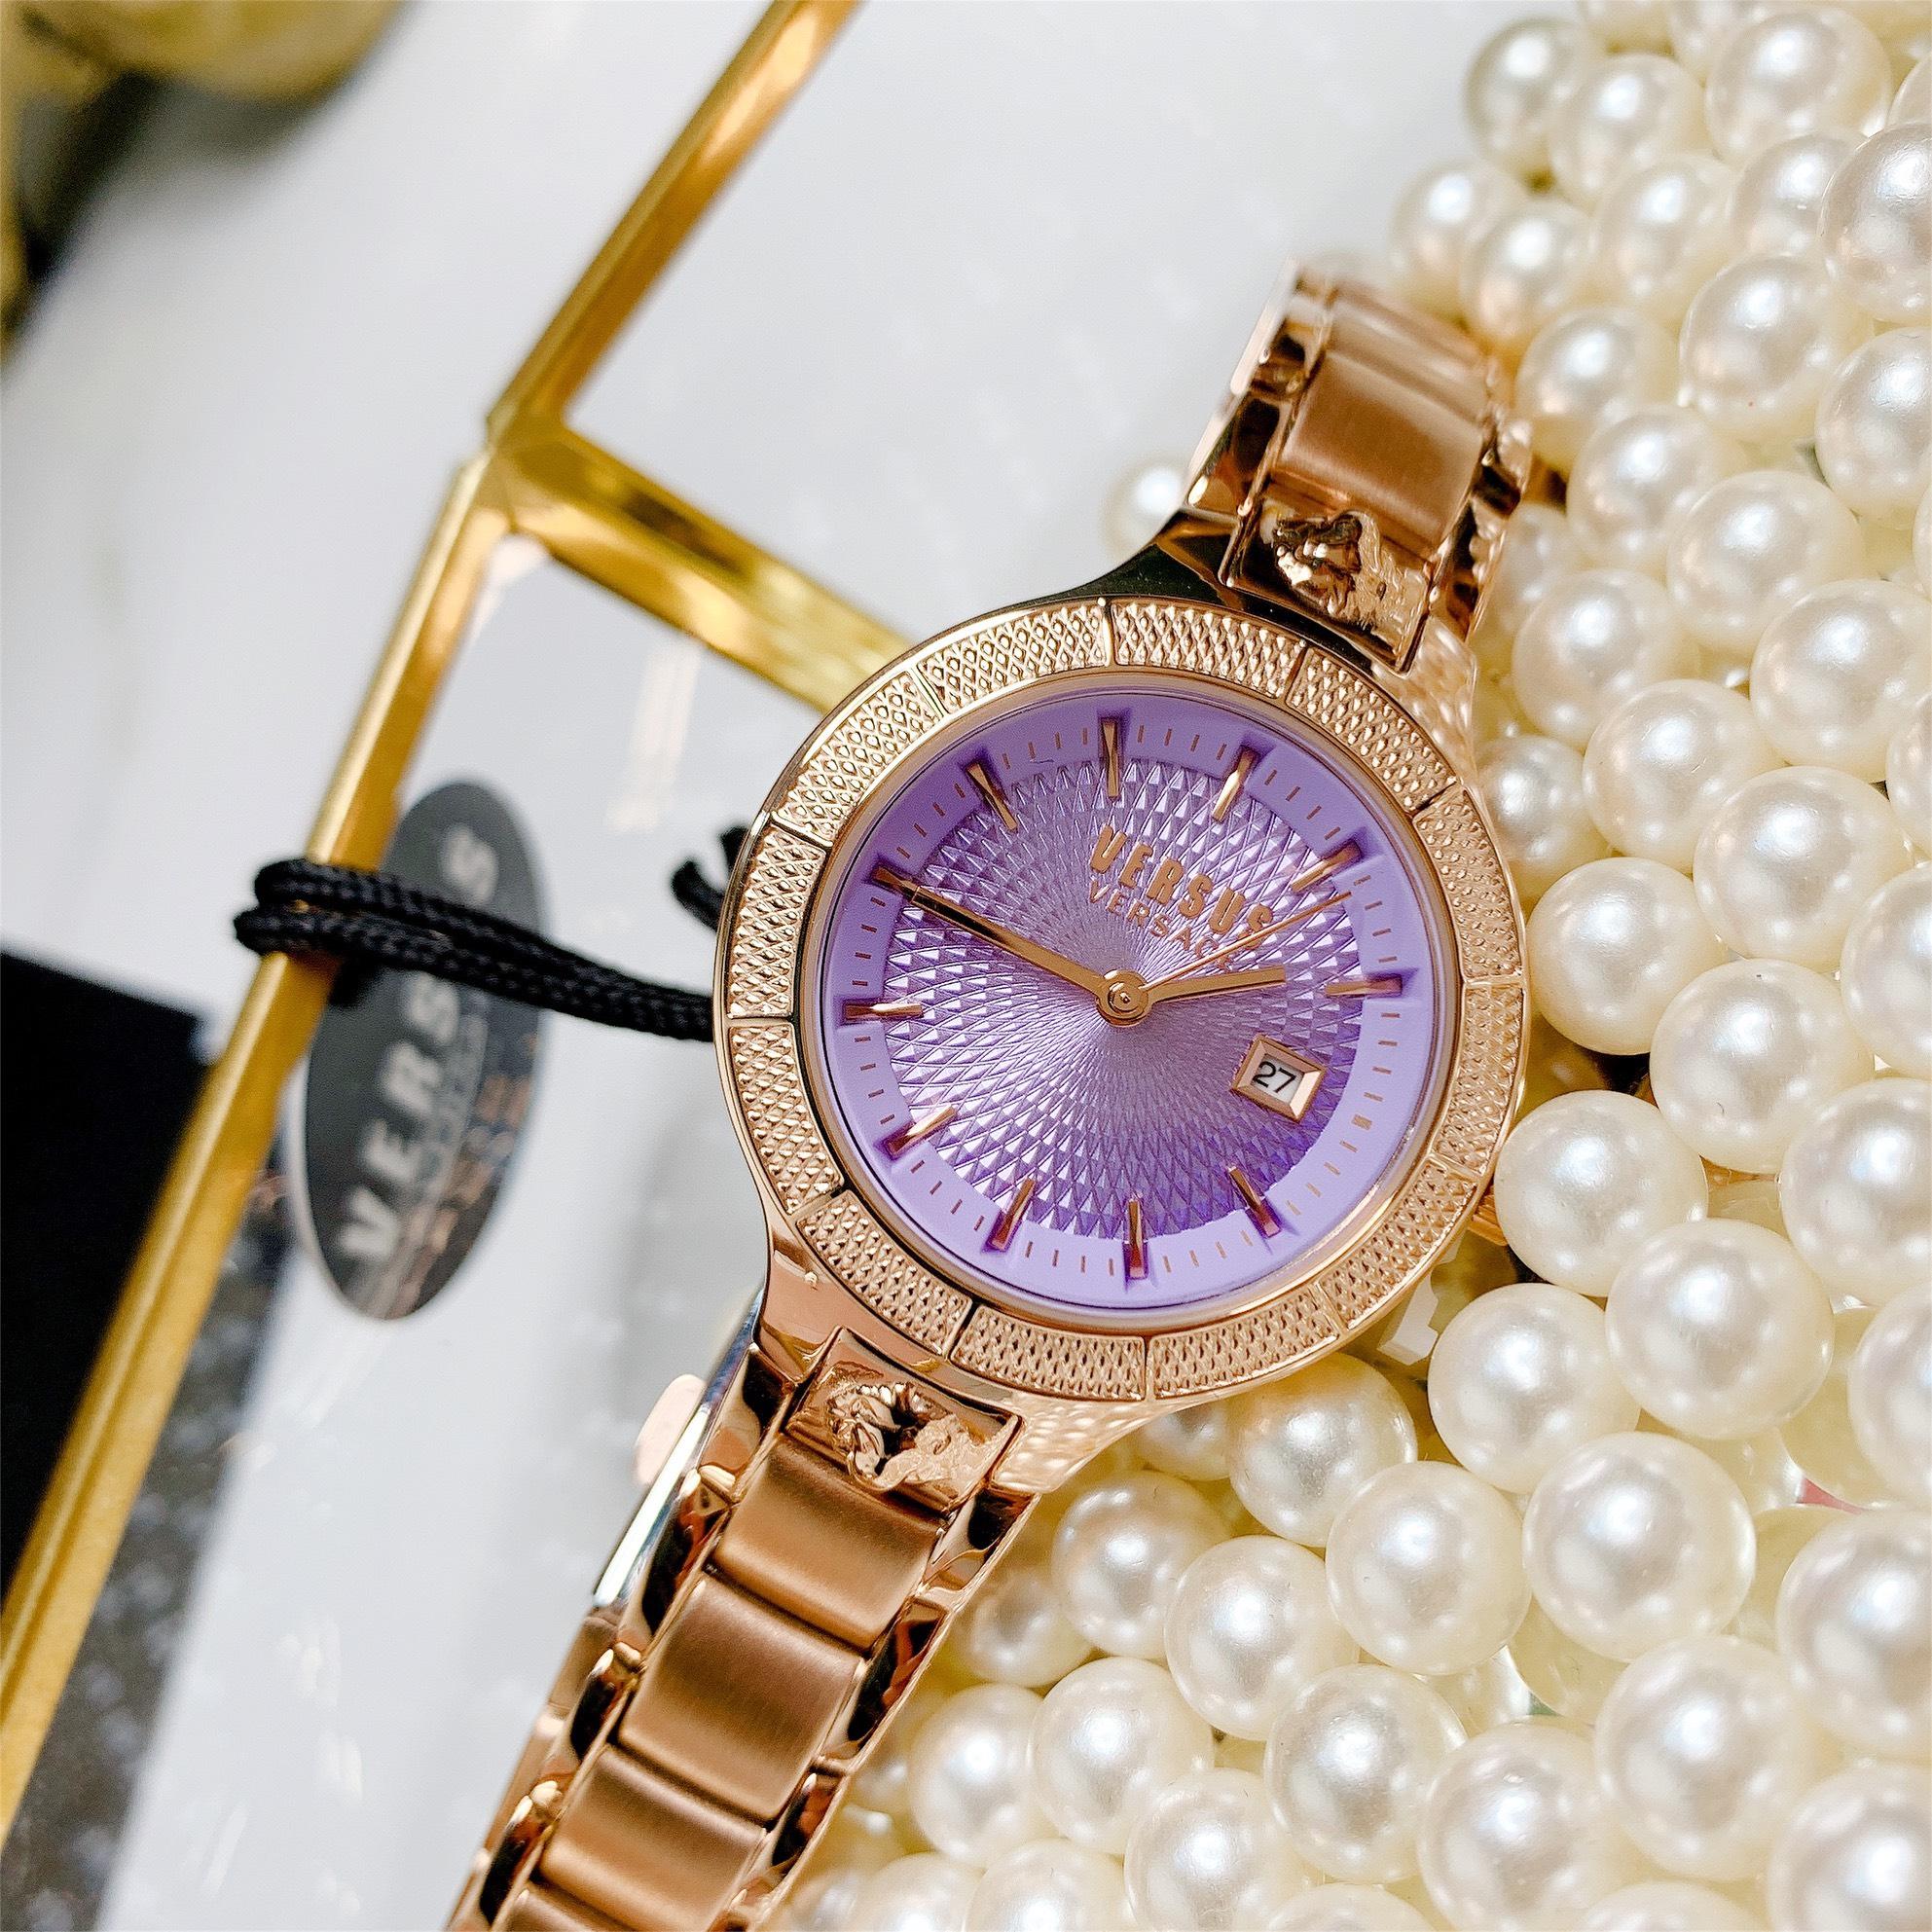 Đồng hồ nữ chính hãng Versus